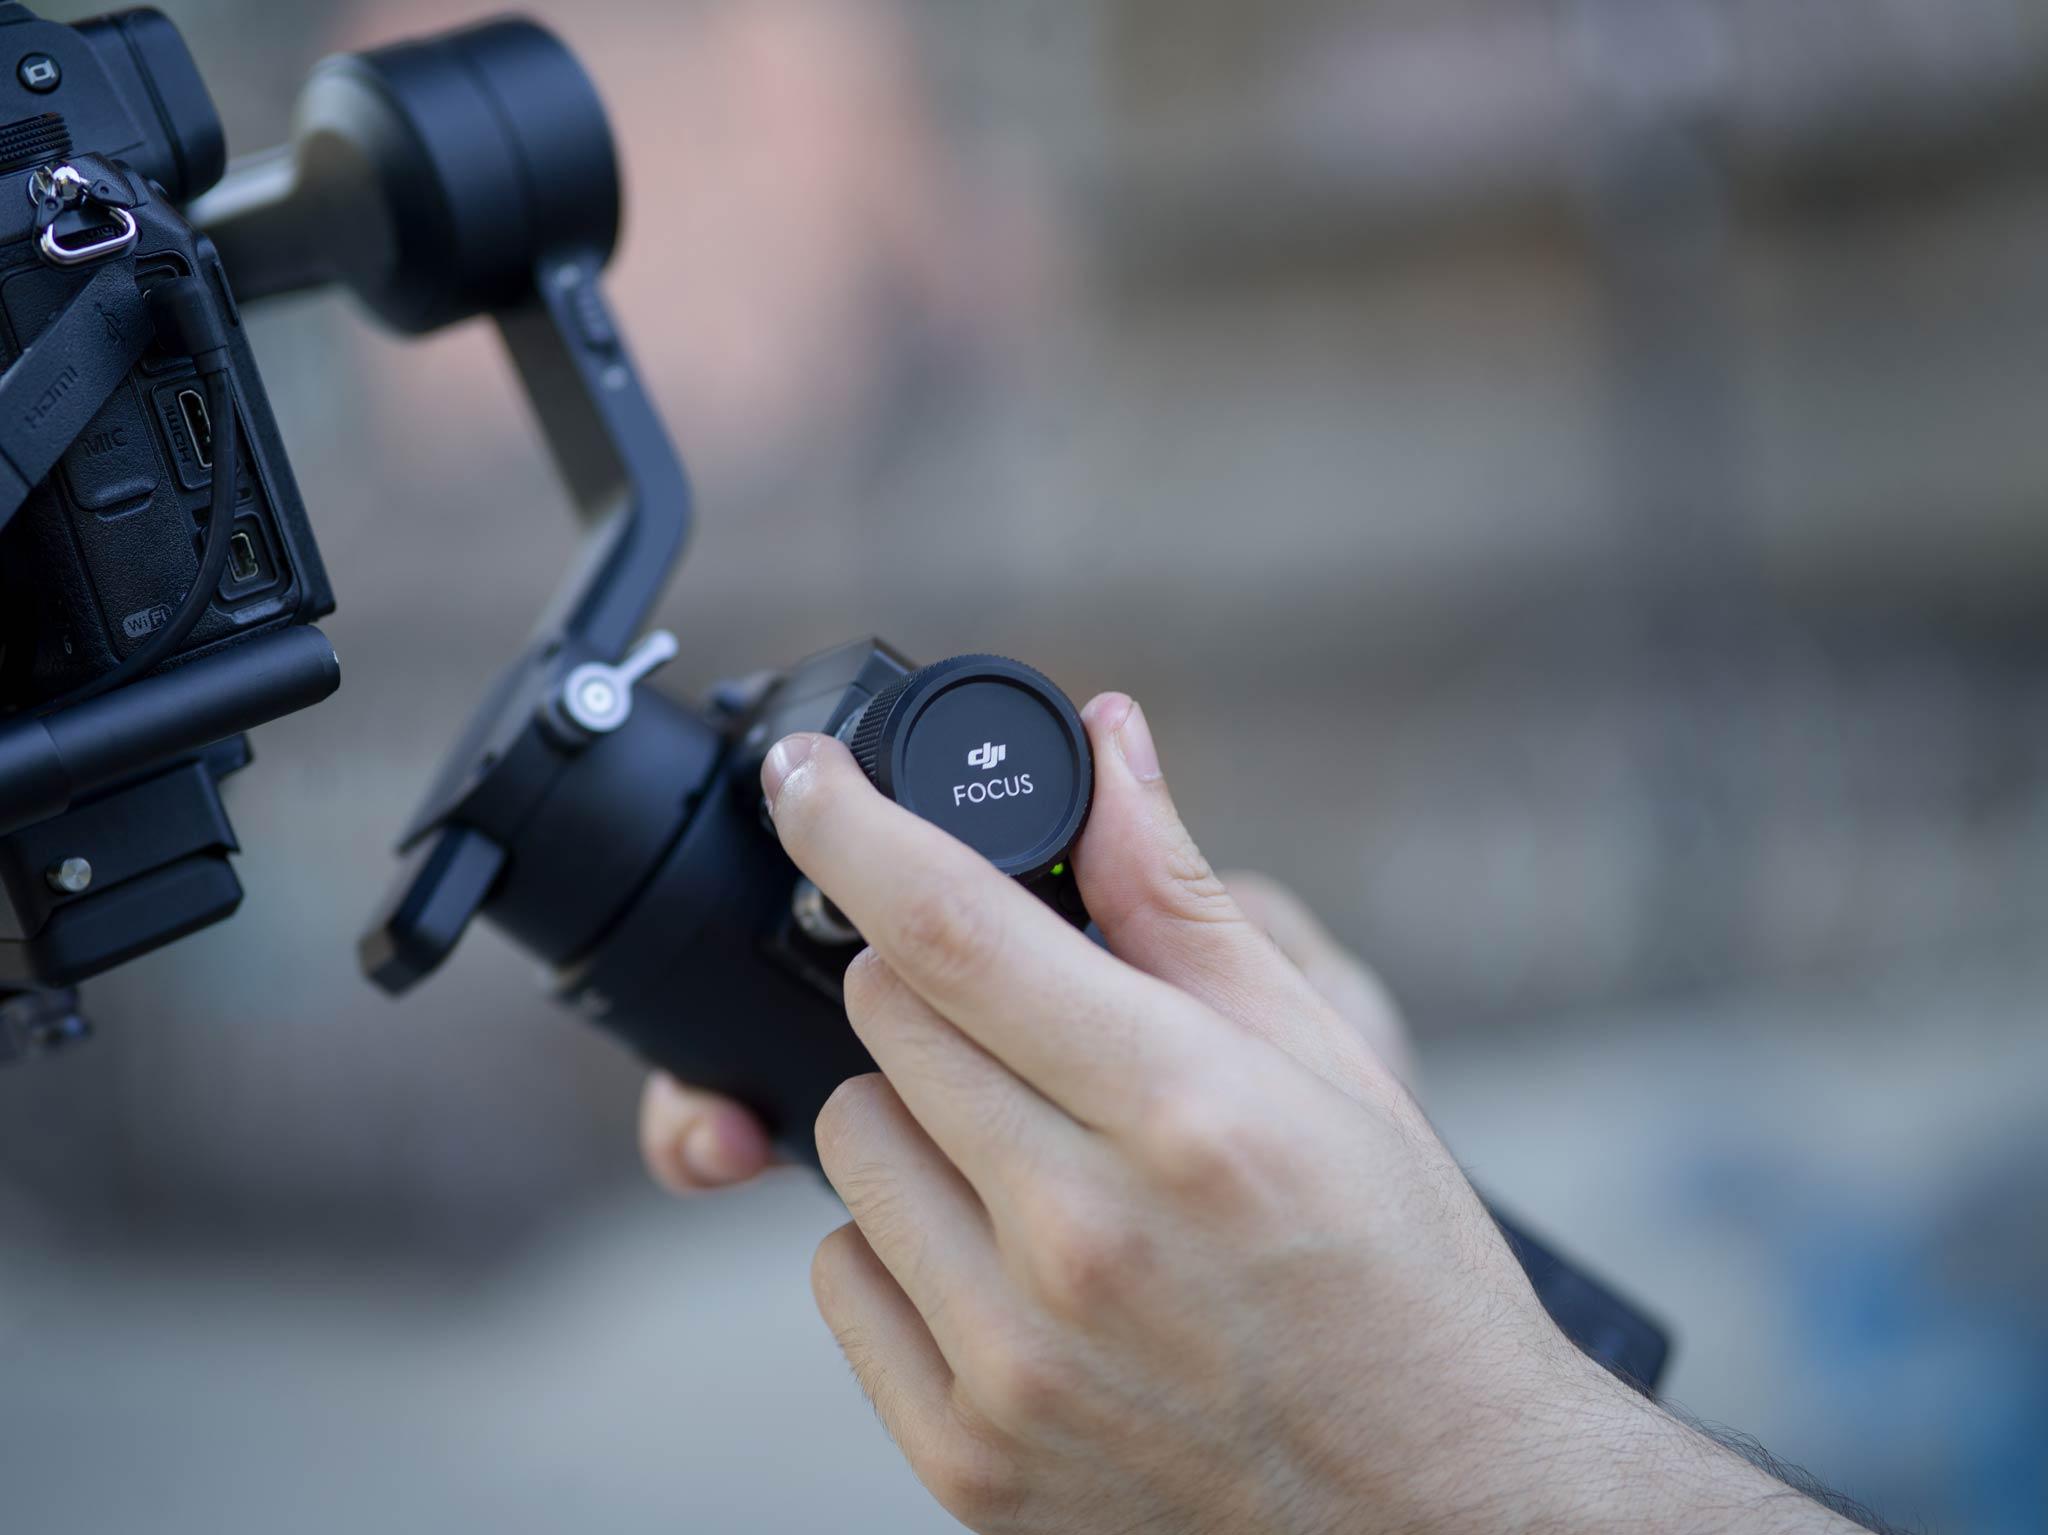 Für den DJI Ronin-SC gibt es eine große Auswahl an Zubehör (pt. 3): Fokusrad - Bild: DJI